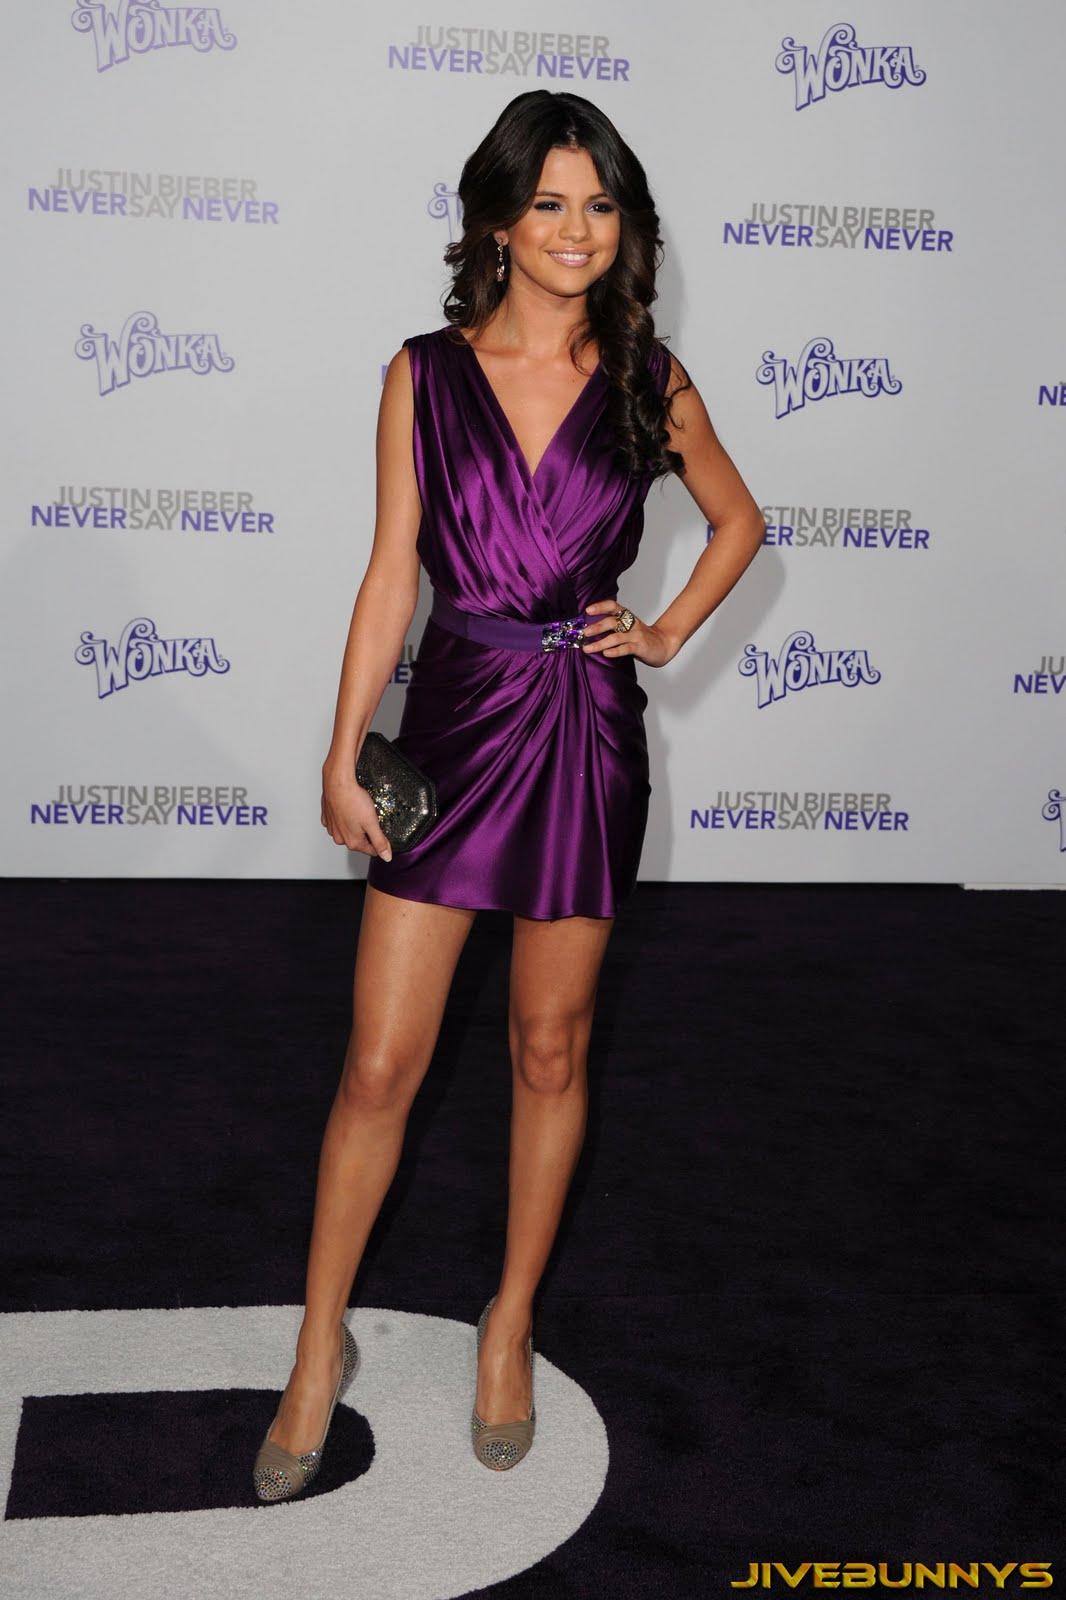 http://2.bp.blogspot.com/_MCy6UZ3NI5M/TVJdN_EWzqI/AAAAAAABde0/_v3T-c_4Xaw/s1600/Selena-Gomez-Never-105036.jpg